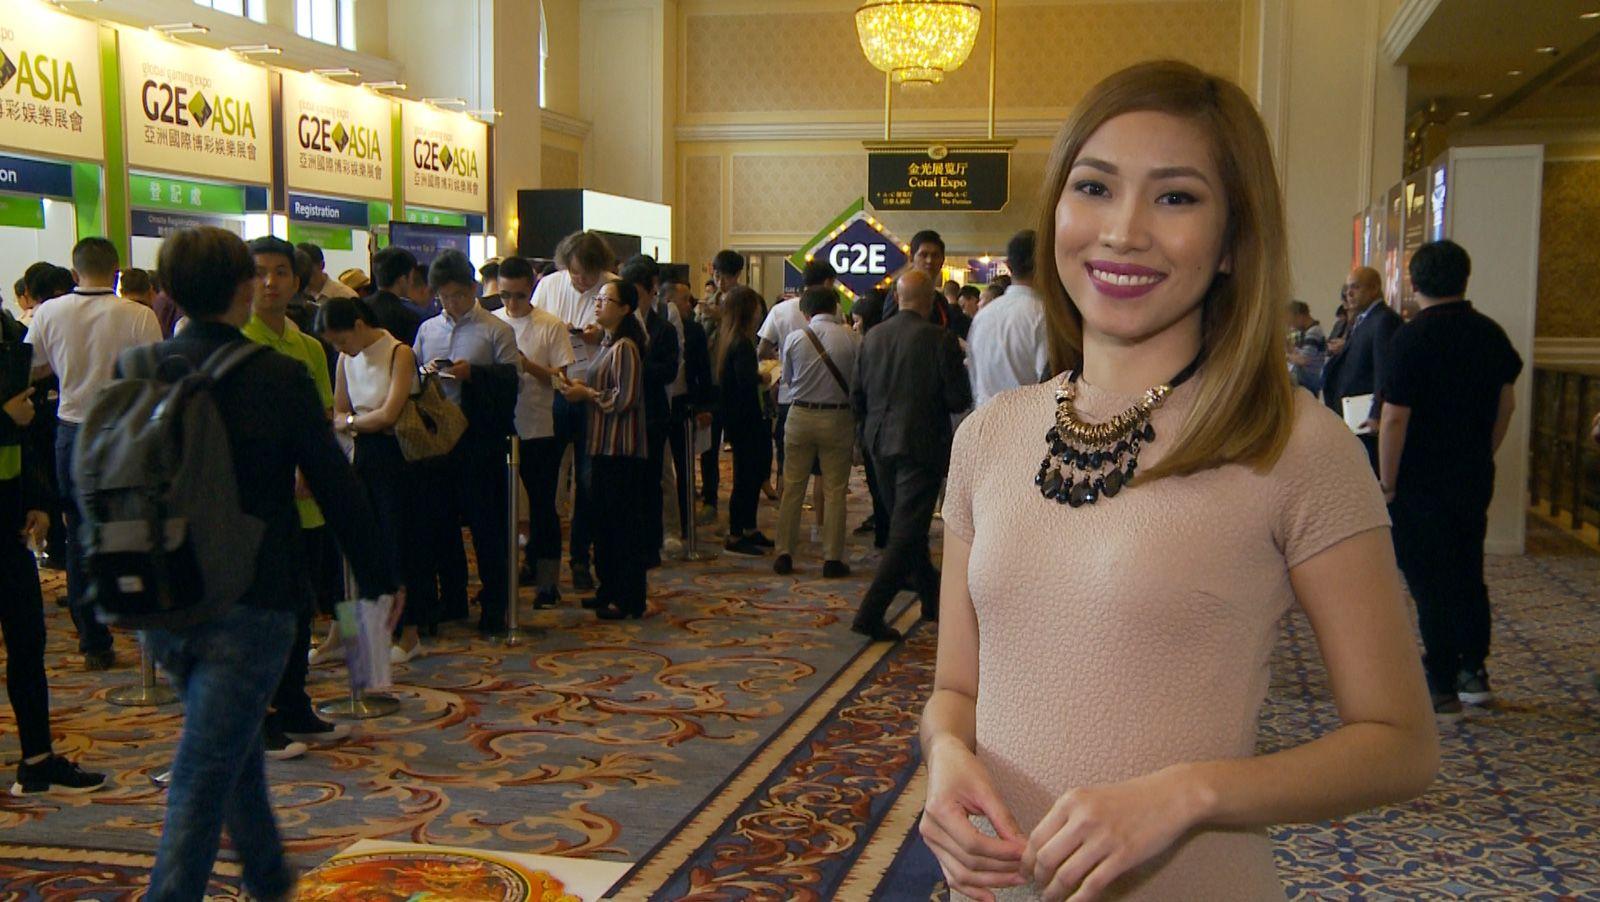 G2E Asia 2017 day 1 recap